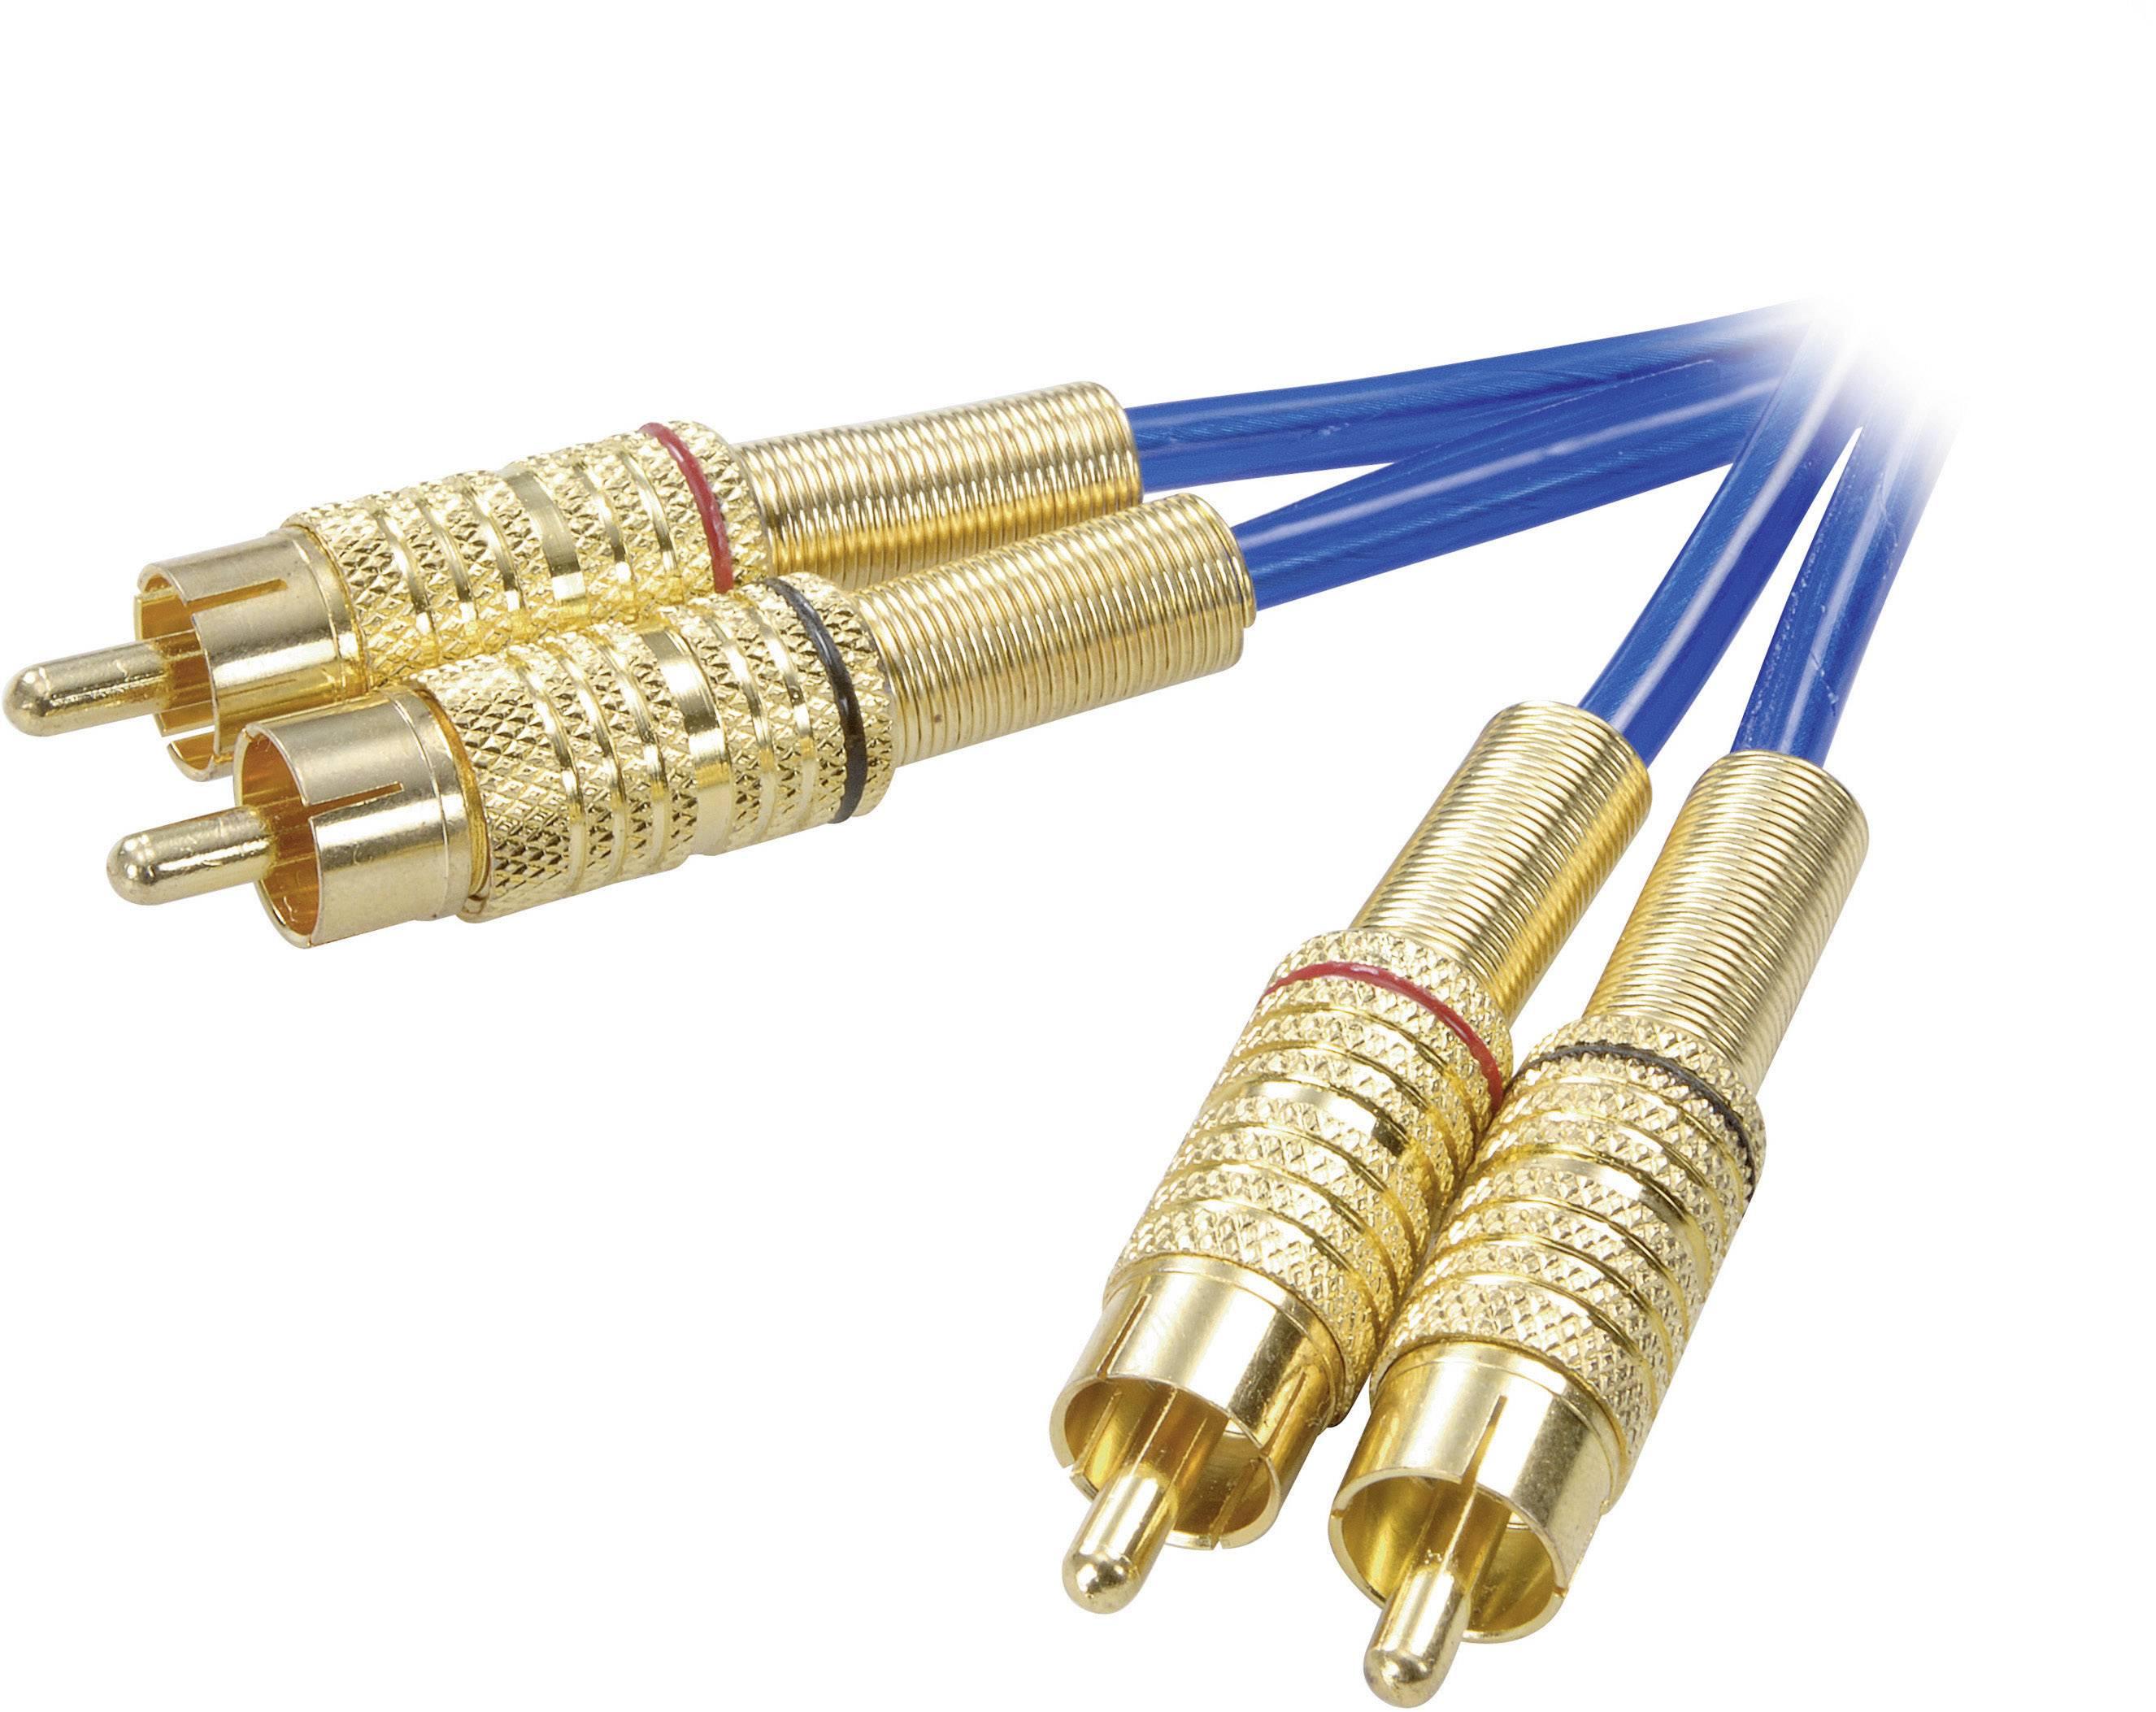 Cinch audio kábel SpeaKa Professional SP-1300148, 2.50 m, modrá